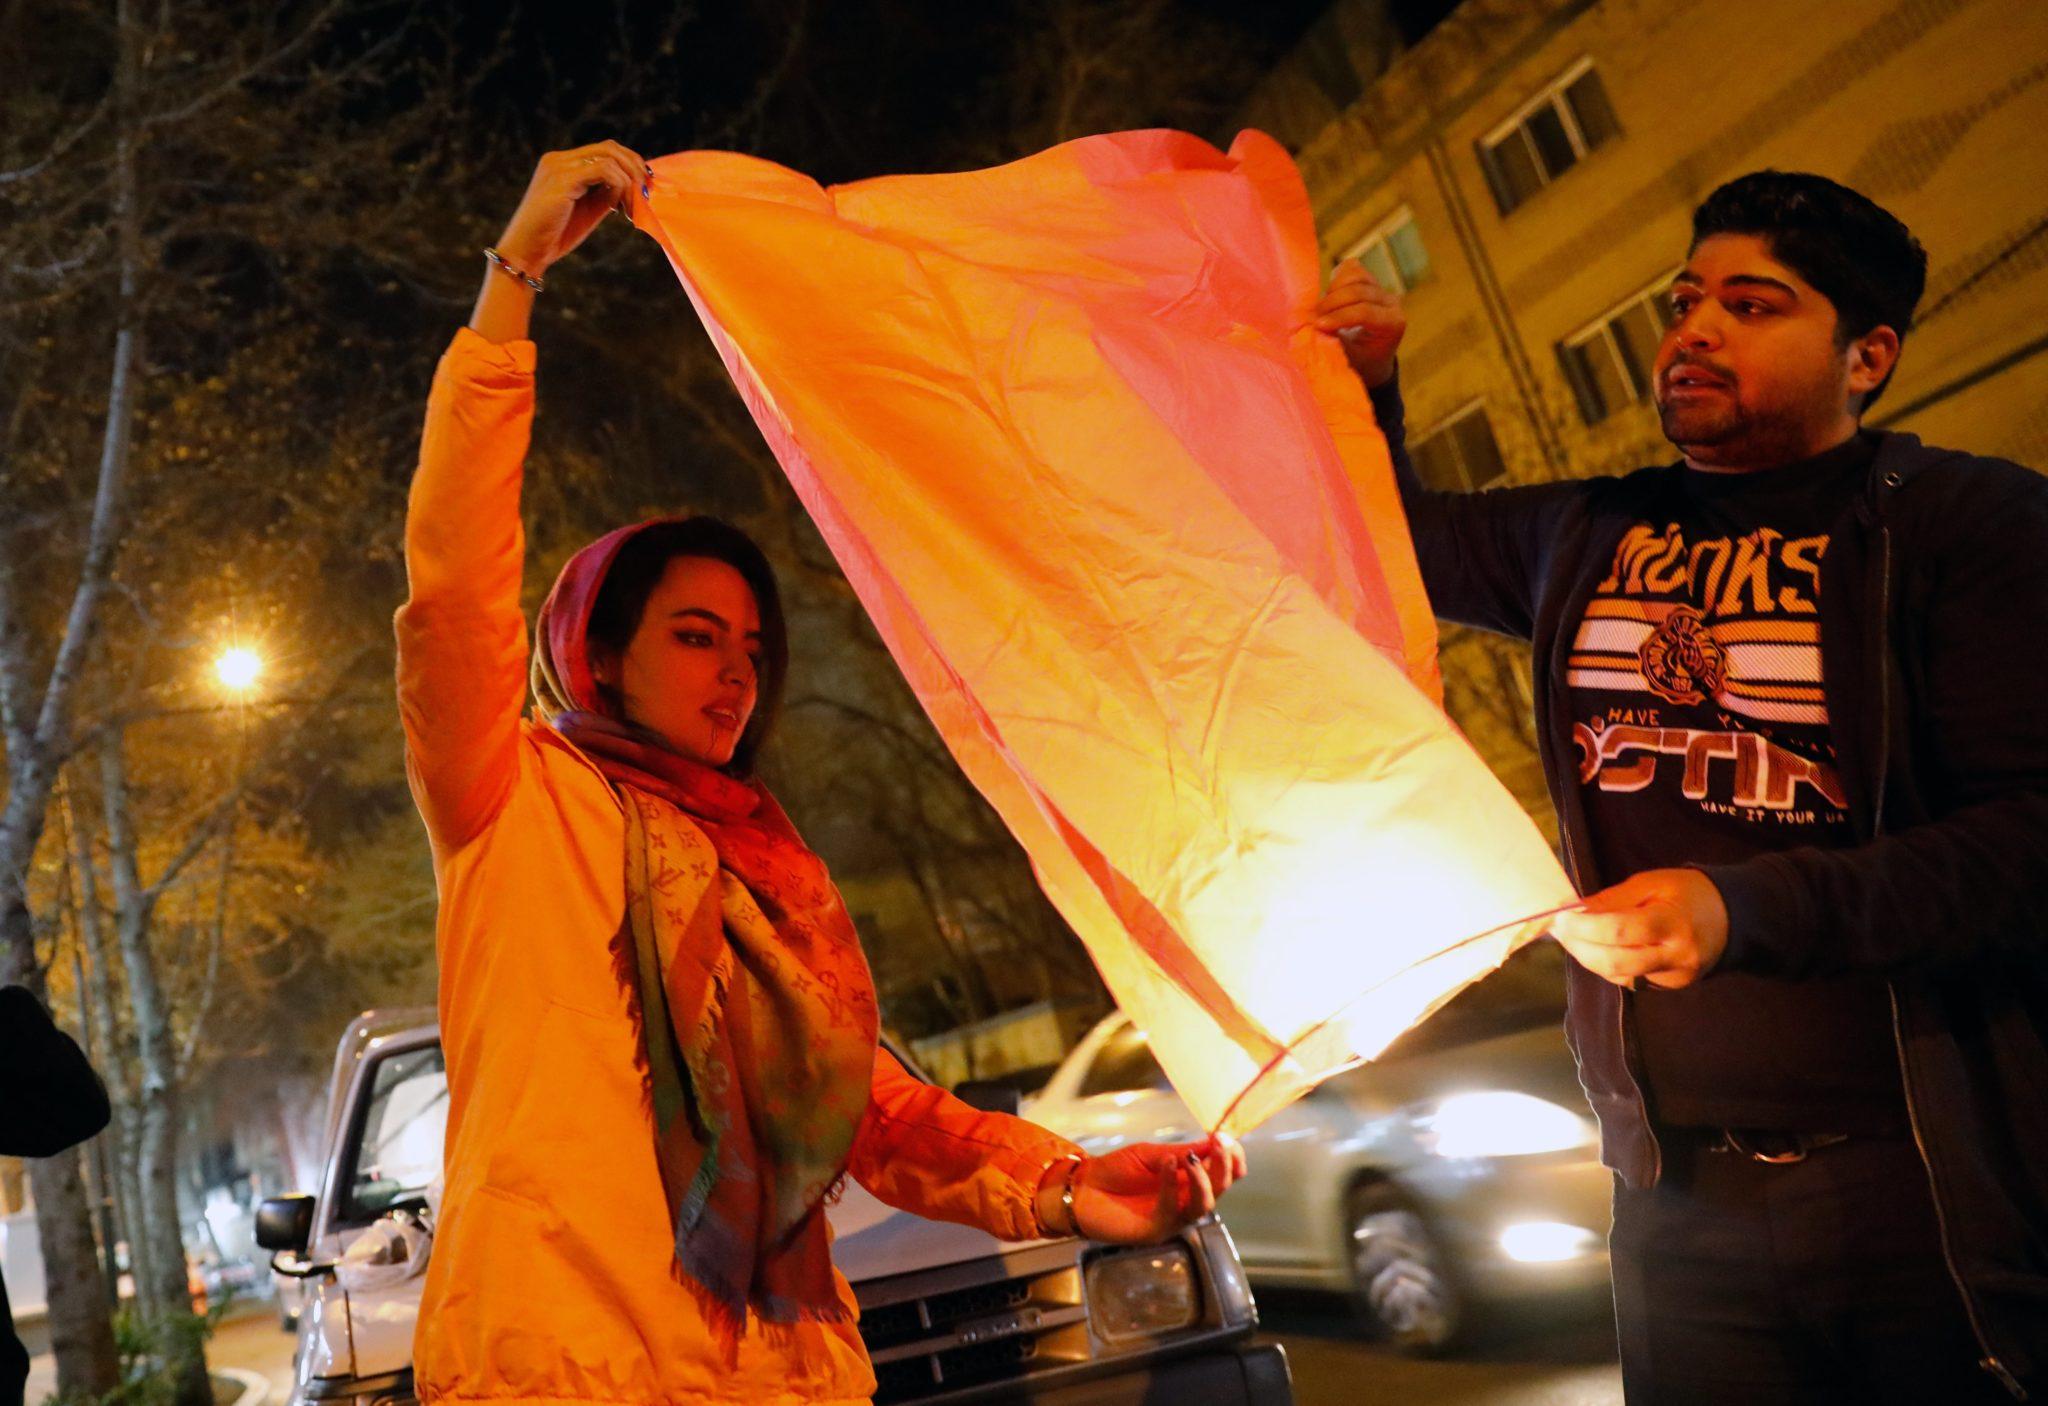 Święto odbywa się co roku w ostatnią środę przed przed nowym perskim rokiem, który rozpoczyna się 21 marca. To również początek wiosny, fot: Abedin Taherkenareh, PAP/ EPA